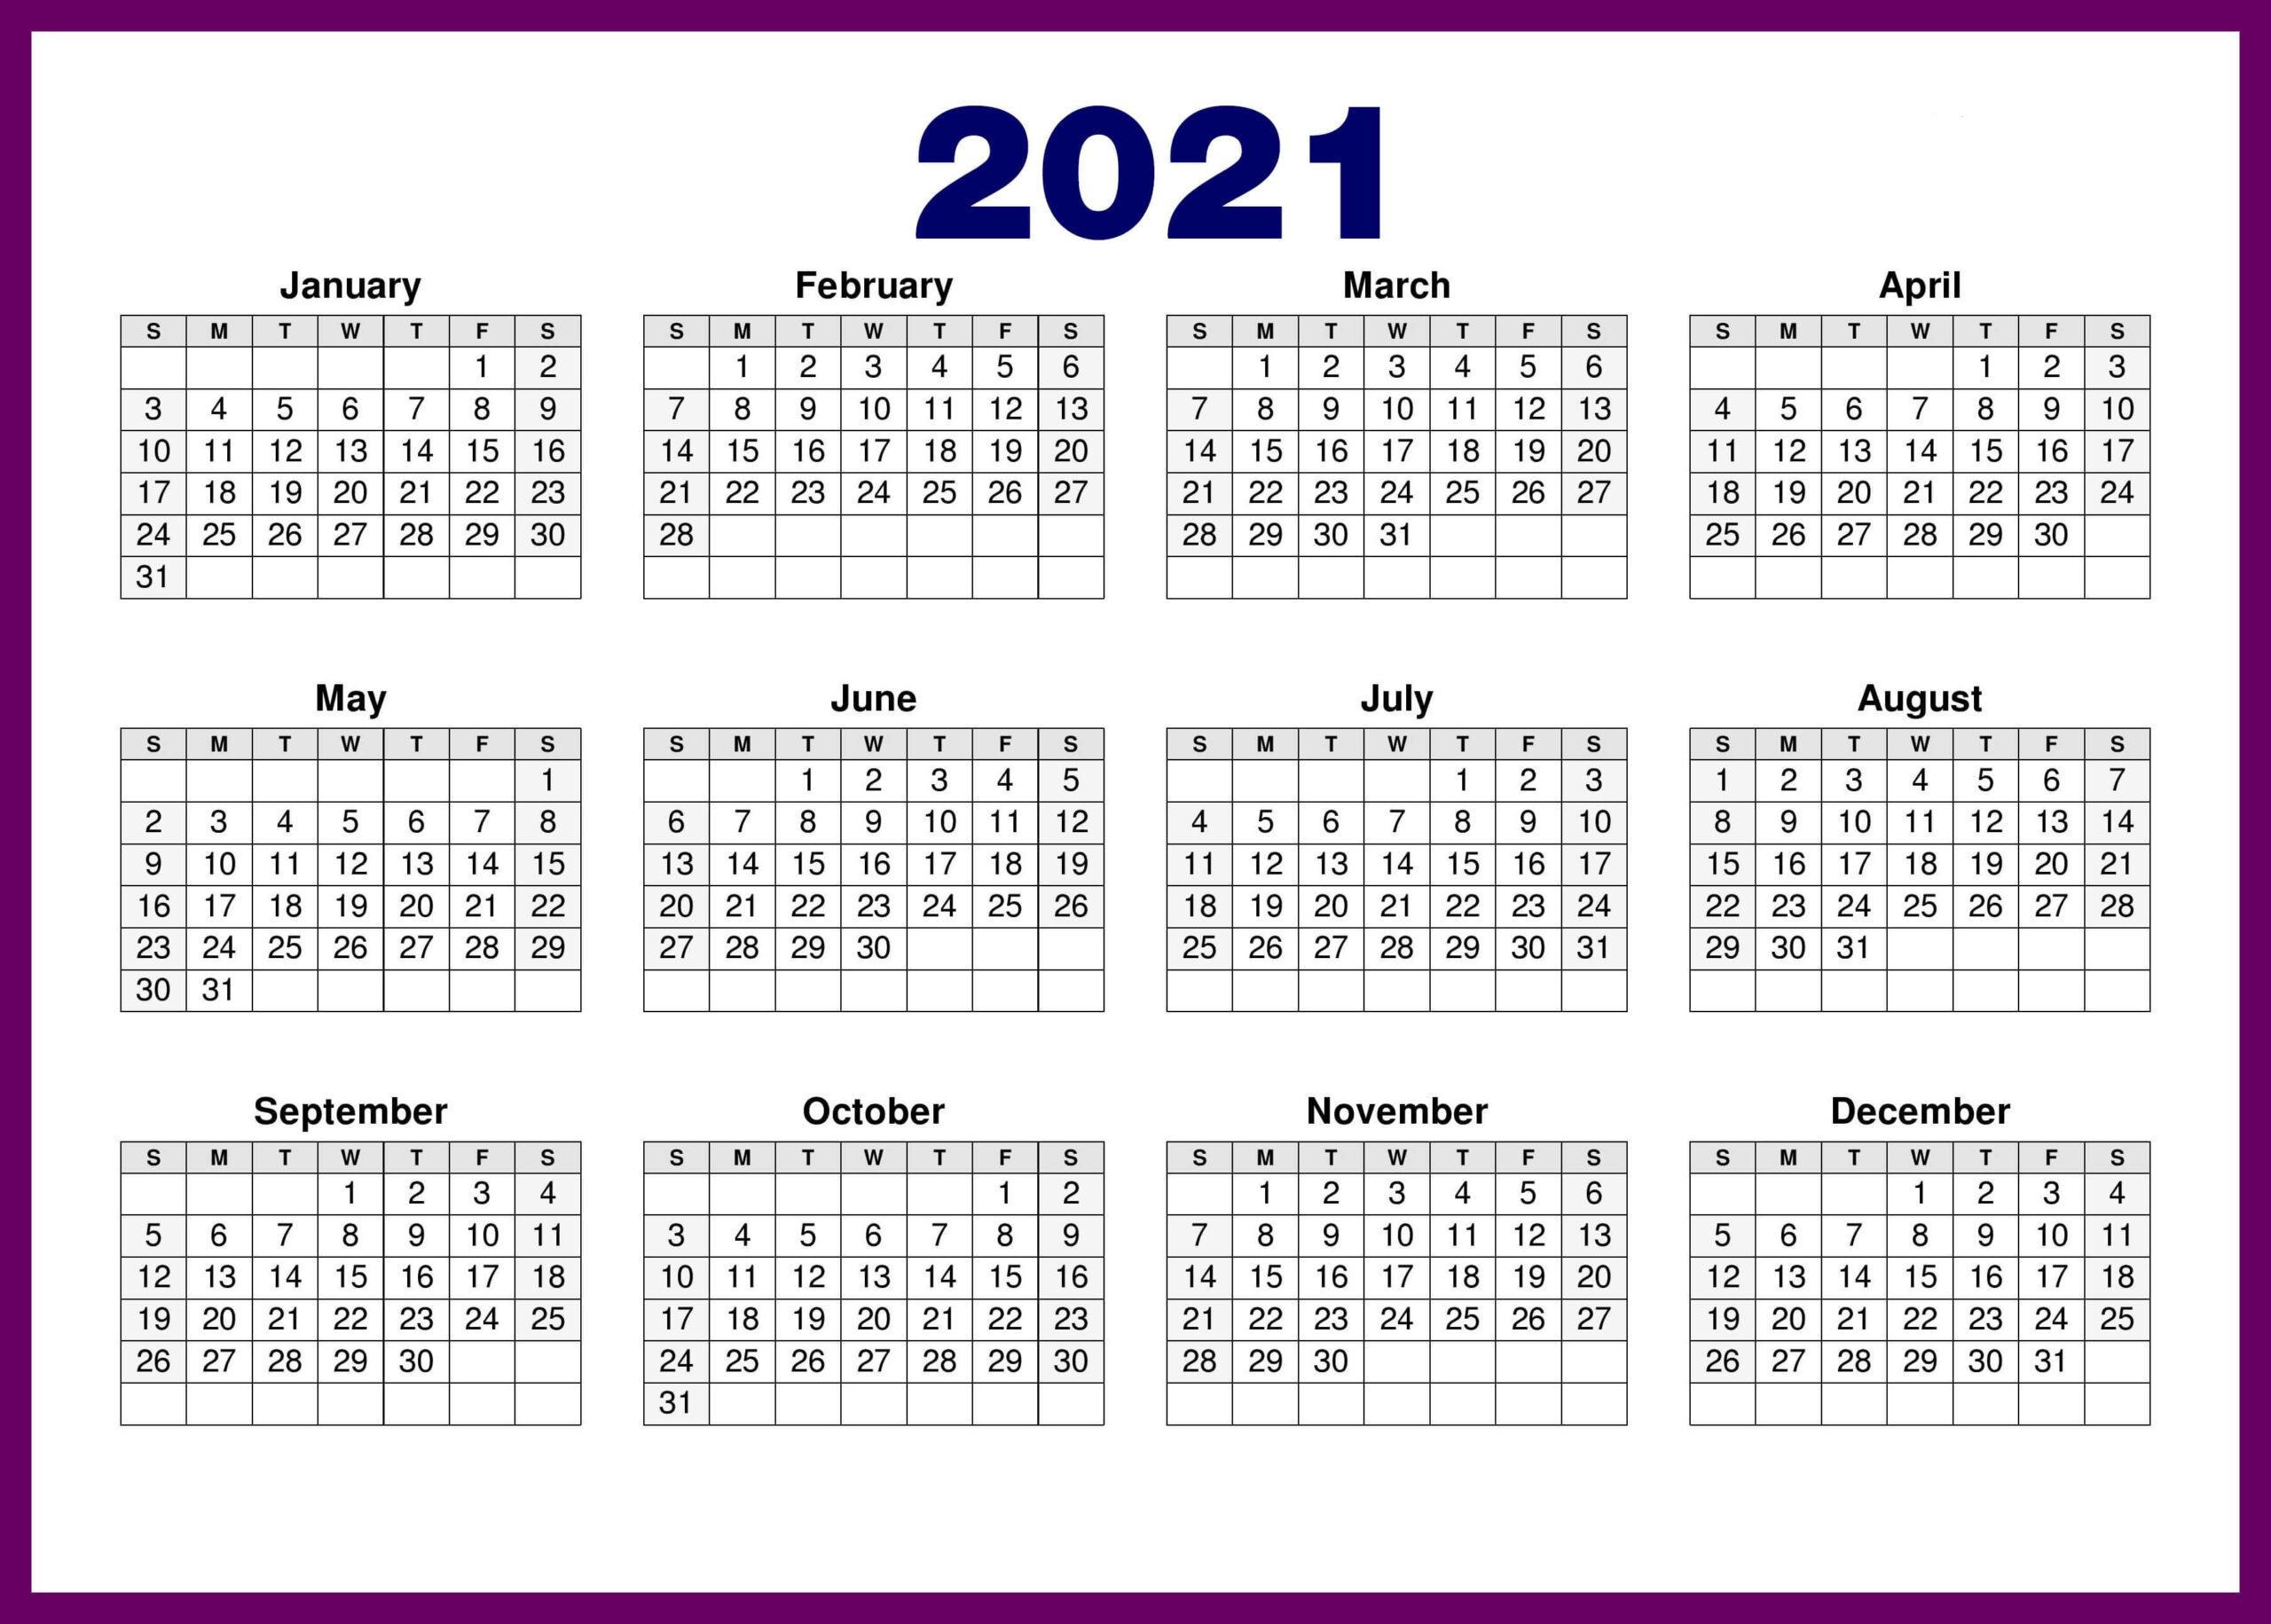 Free Printable Calendar 2021 In Pdf Word Excel Template-Free Printable Downloadable Yearly Calendar 2021